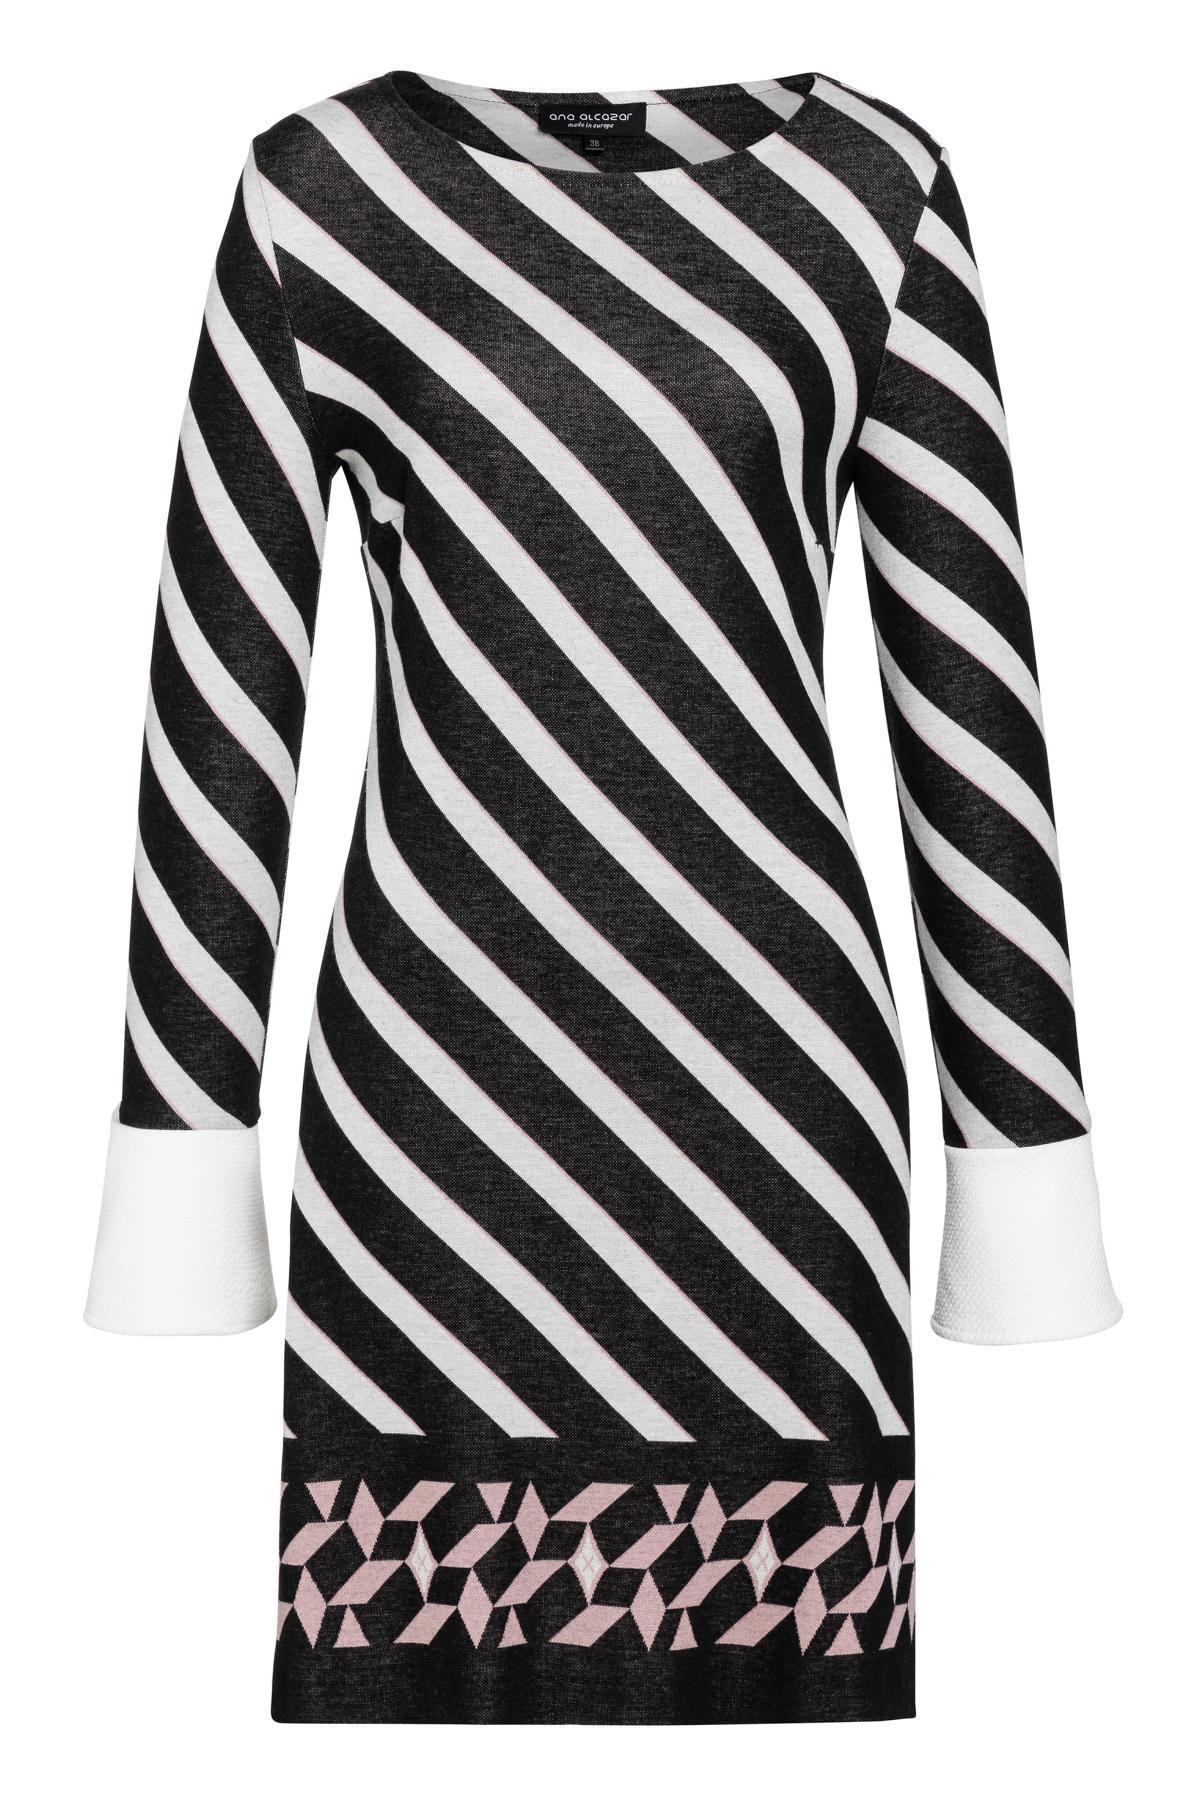 manschetten-kleid vemos gestreift in schwarz-weiß | ana alcazar